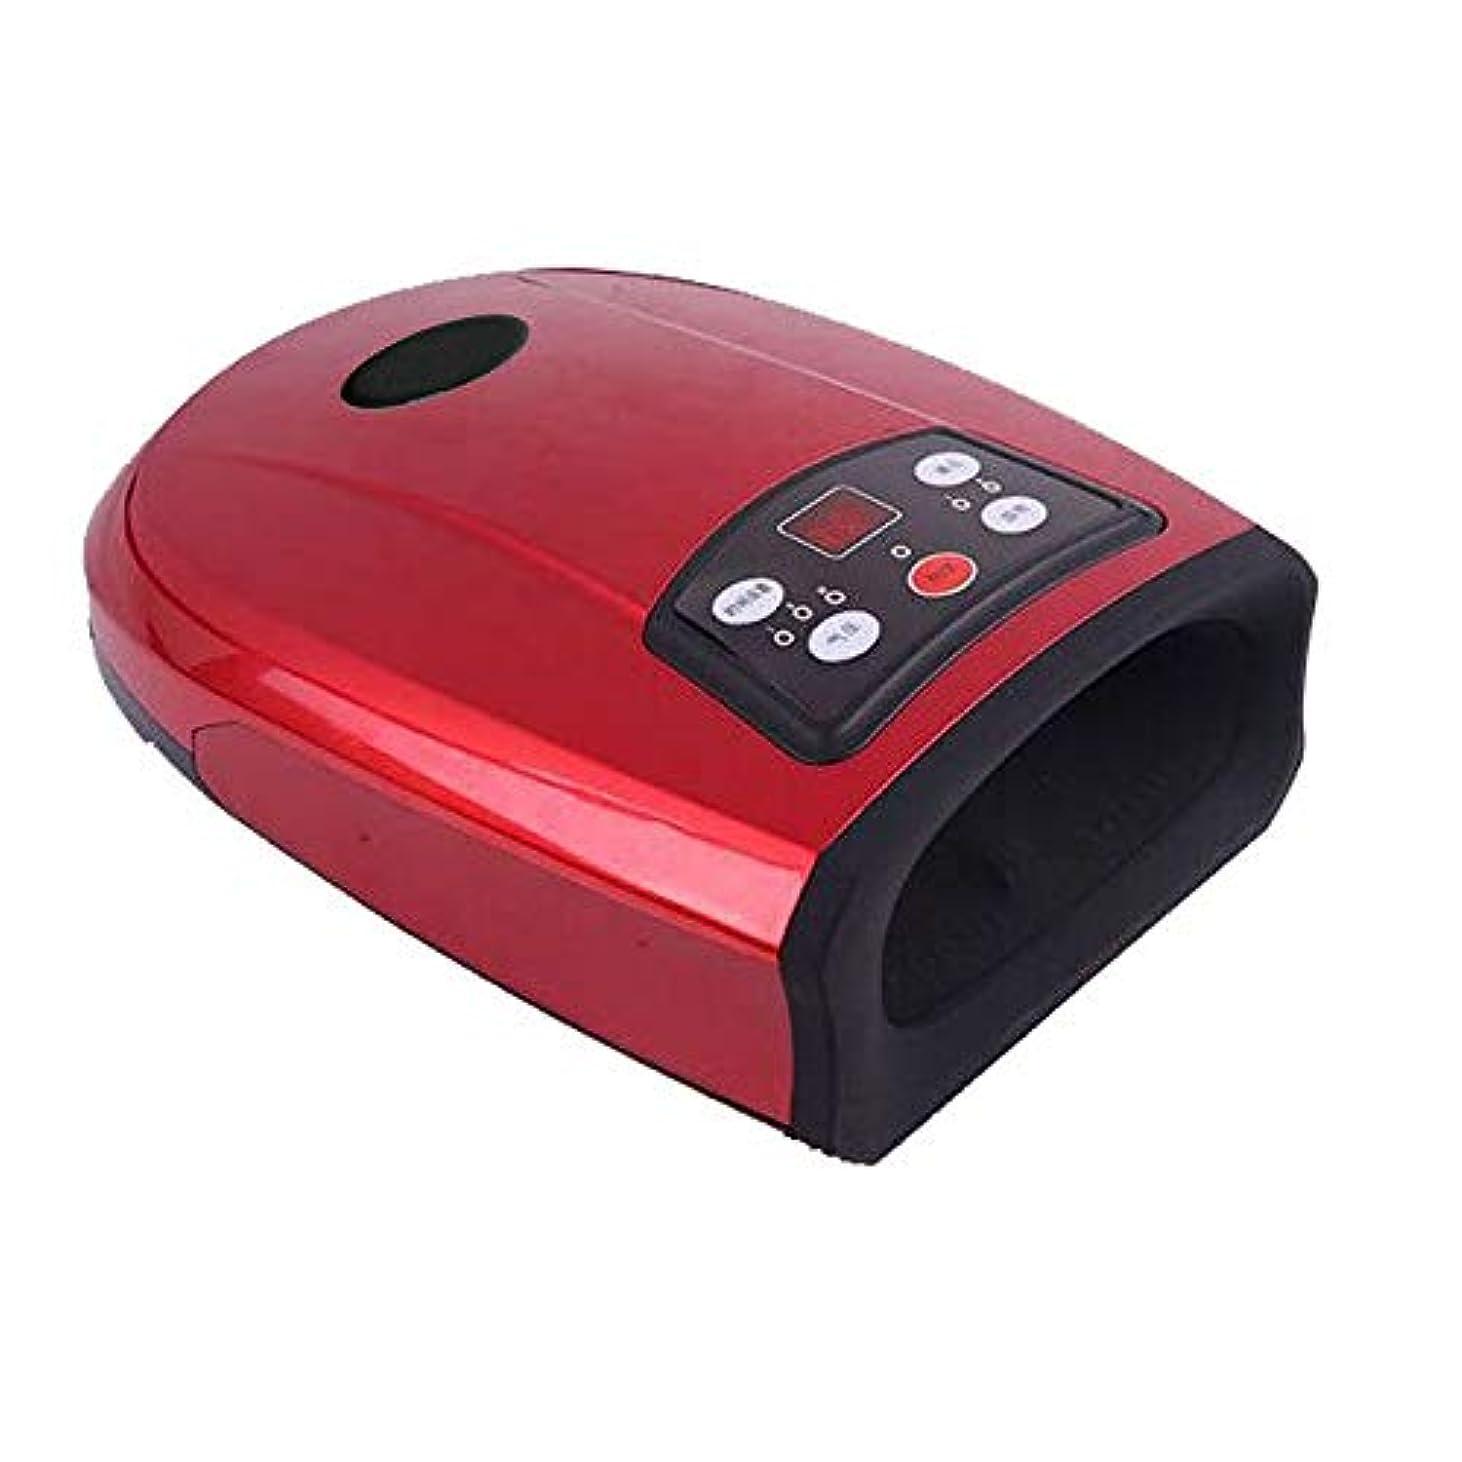 私たち自身典型的な有限指のための空気圧熱圧縮装置が付いている指圧のやし手のマッサージ緊張のしびれの救助および血の循環の加速,Red